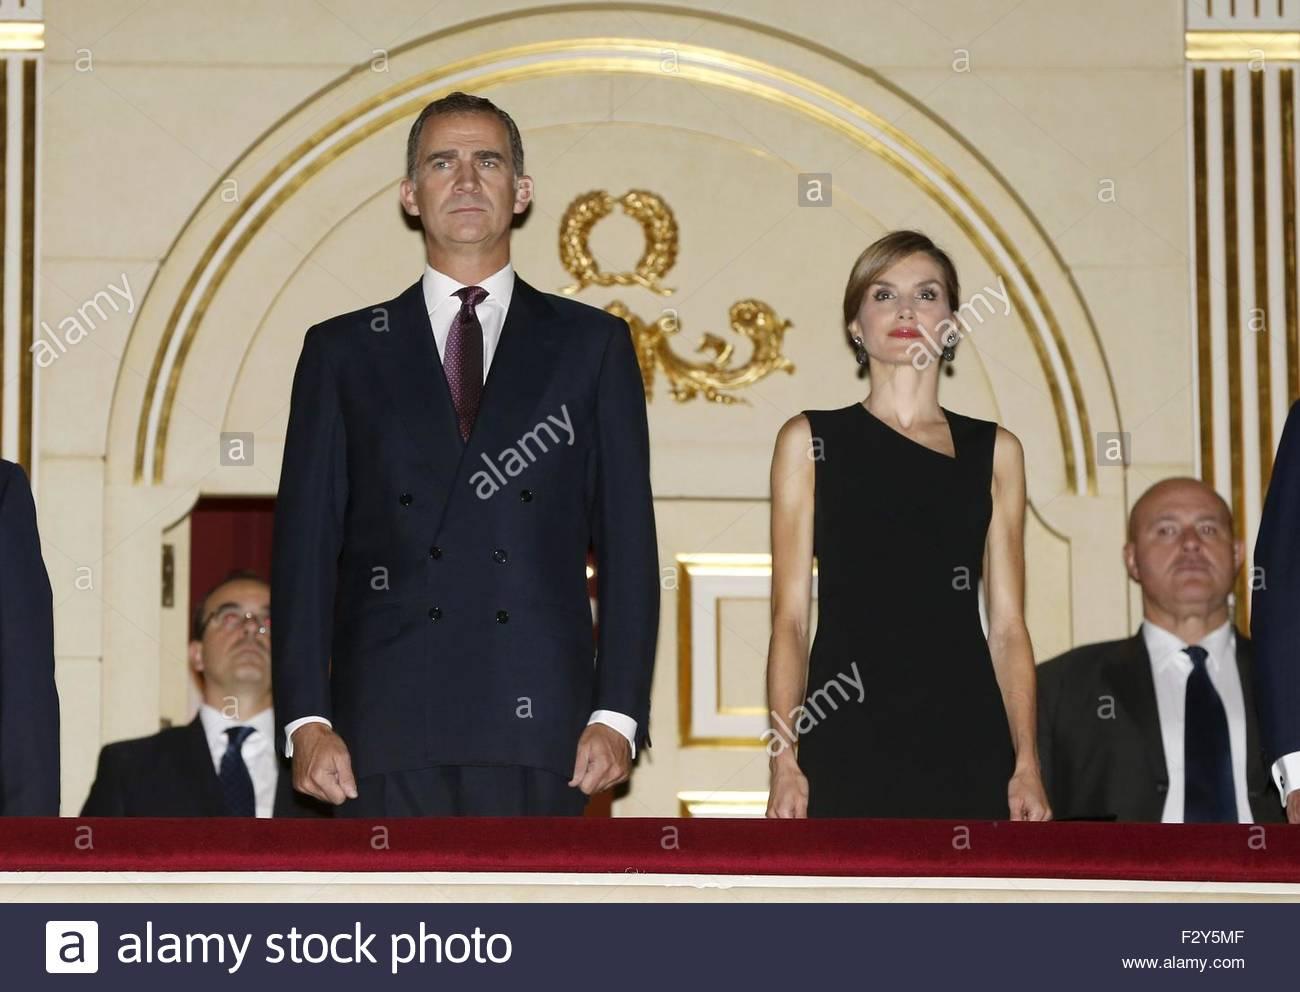 epa04943955-spanish-king-felipe-vi-l-and-queen-letizia-r-attend-the-F2Y5MF.jpg